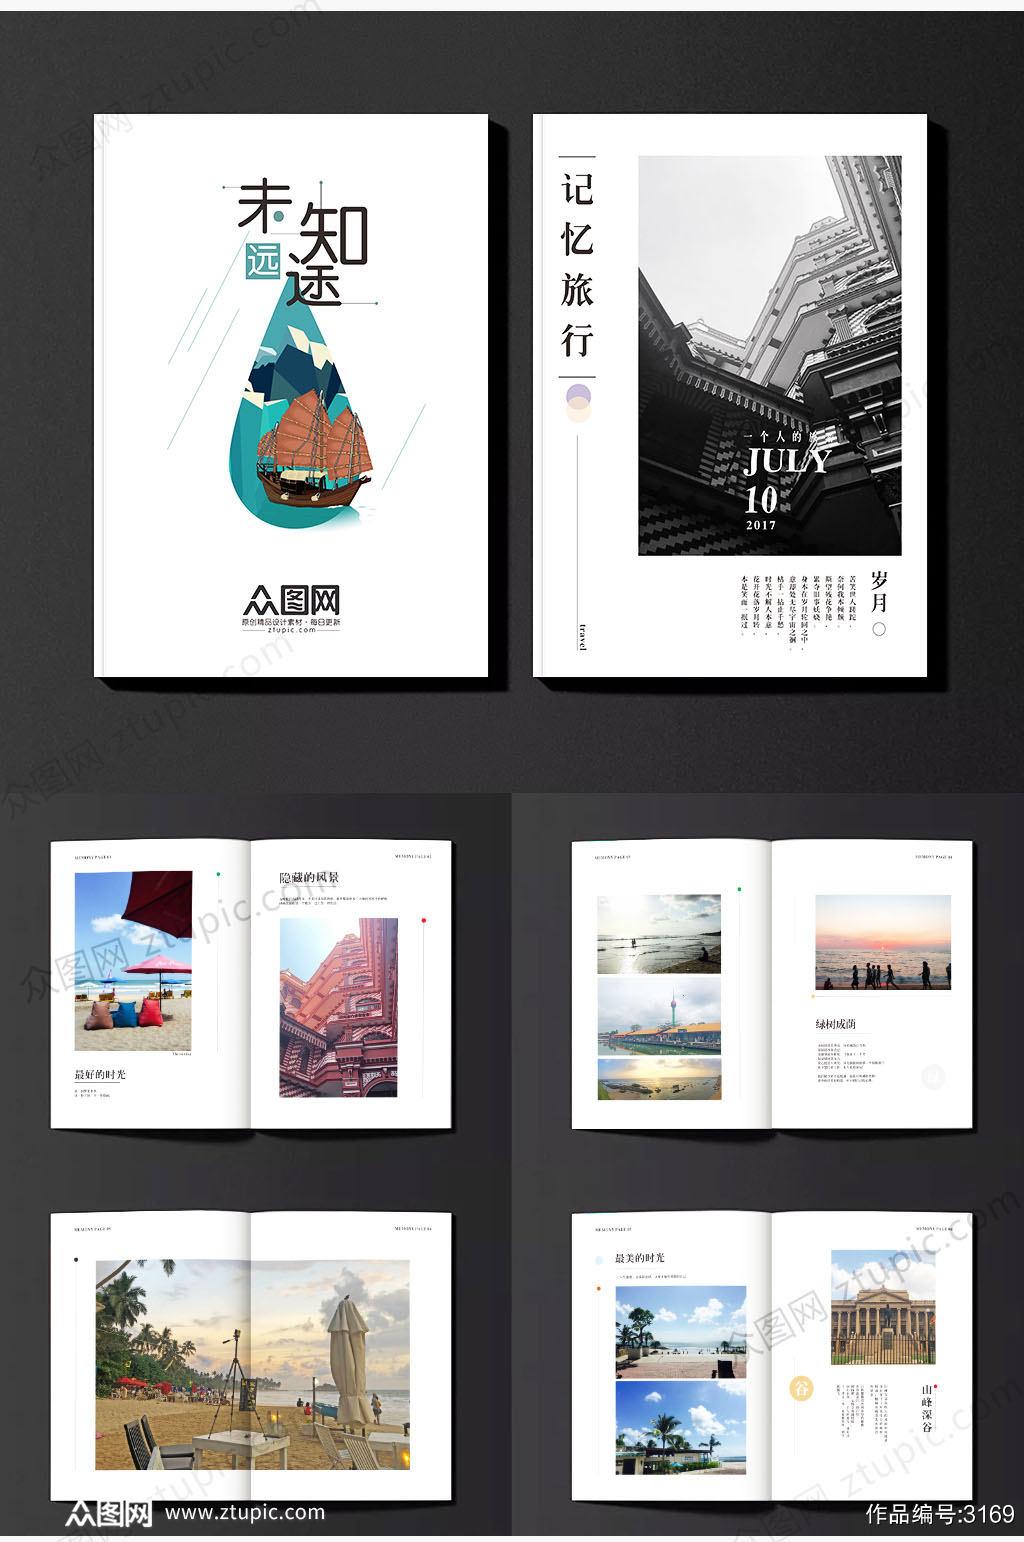 立体建筑工程企业画册封面设计模板素材